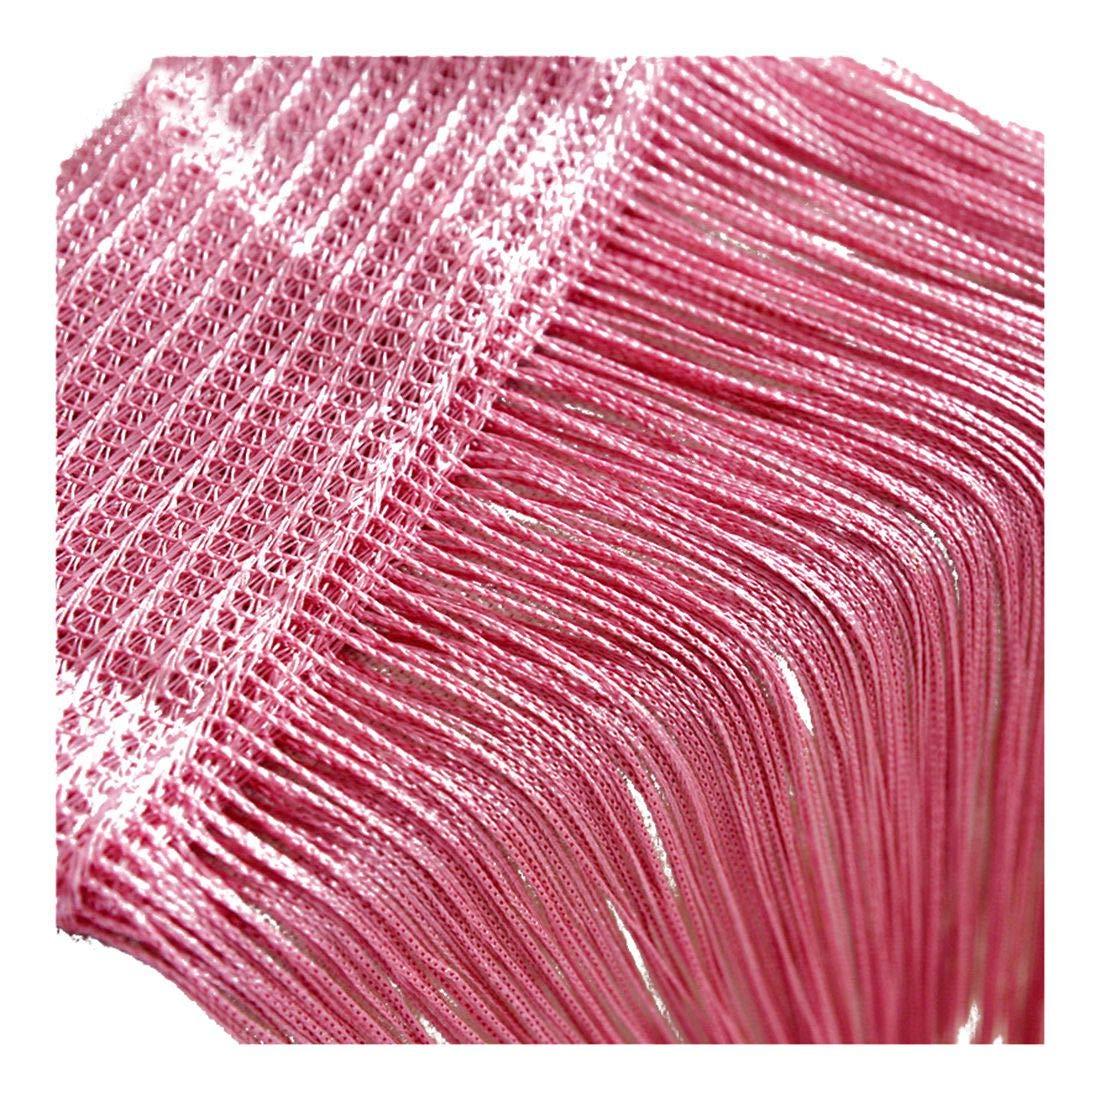 Pinji1 Rideau Fil Rideau Voilage Curtain Porte Fen/être Chambres /à Coucher Cuisine Entr/ée Salon Salle de Bain Rose 200x100cm